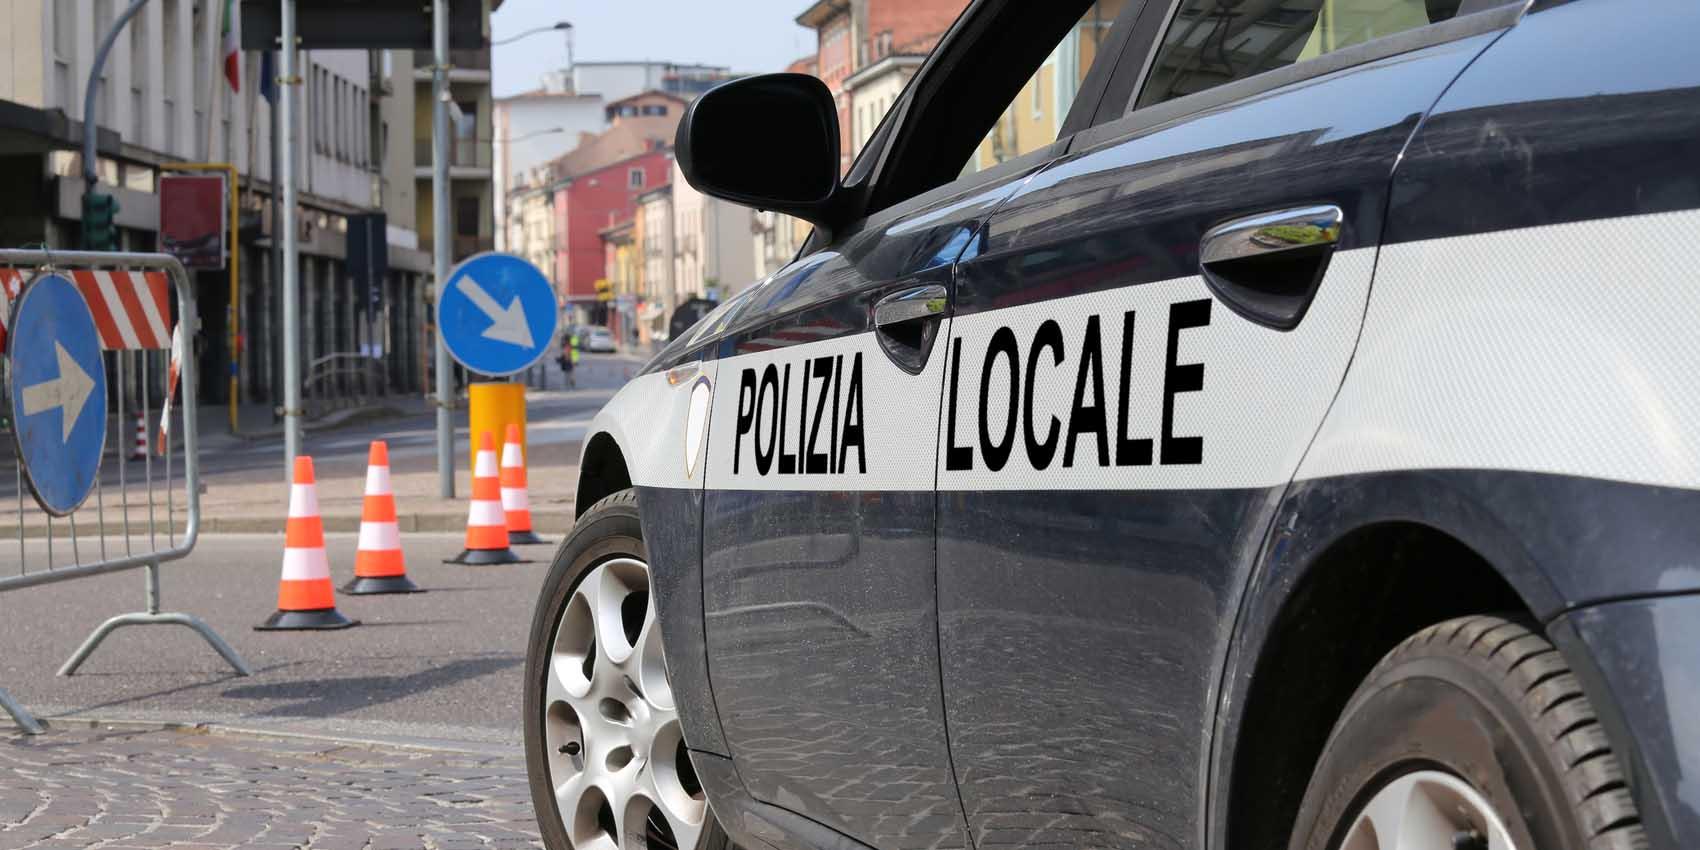 polizia locale automobile